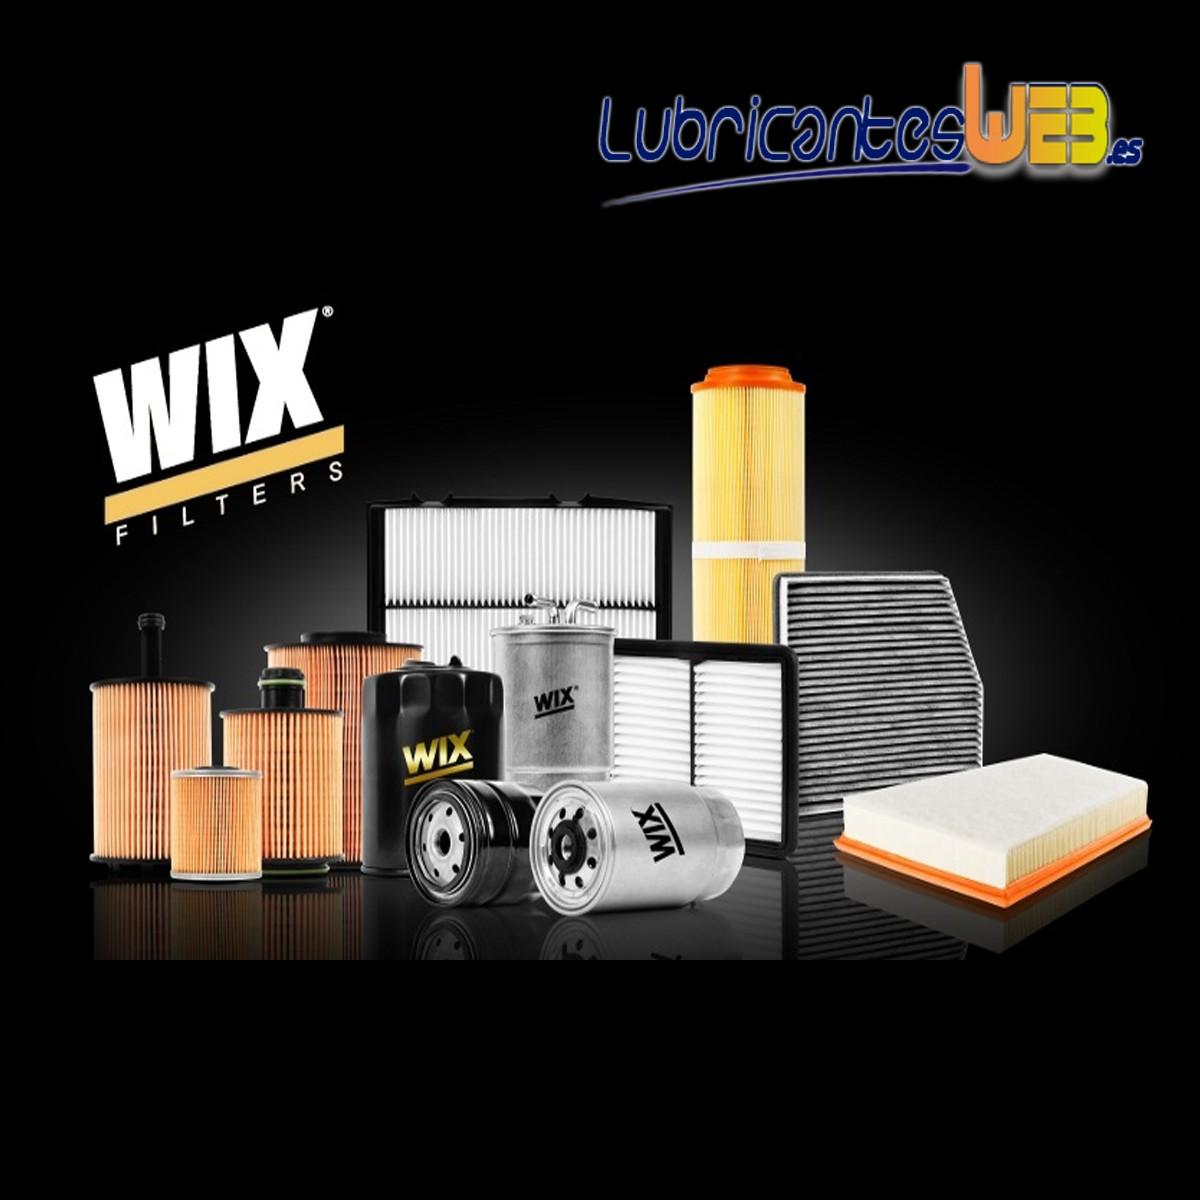 FILTRO WIX DE COMBUSTIBLE WF8178